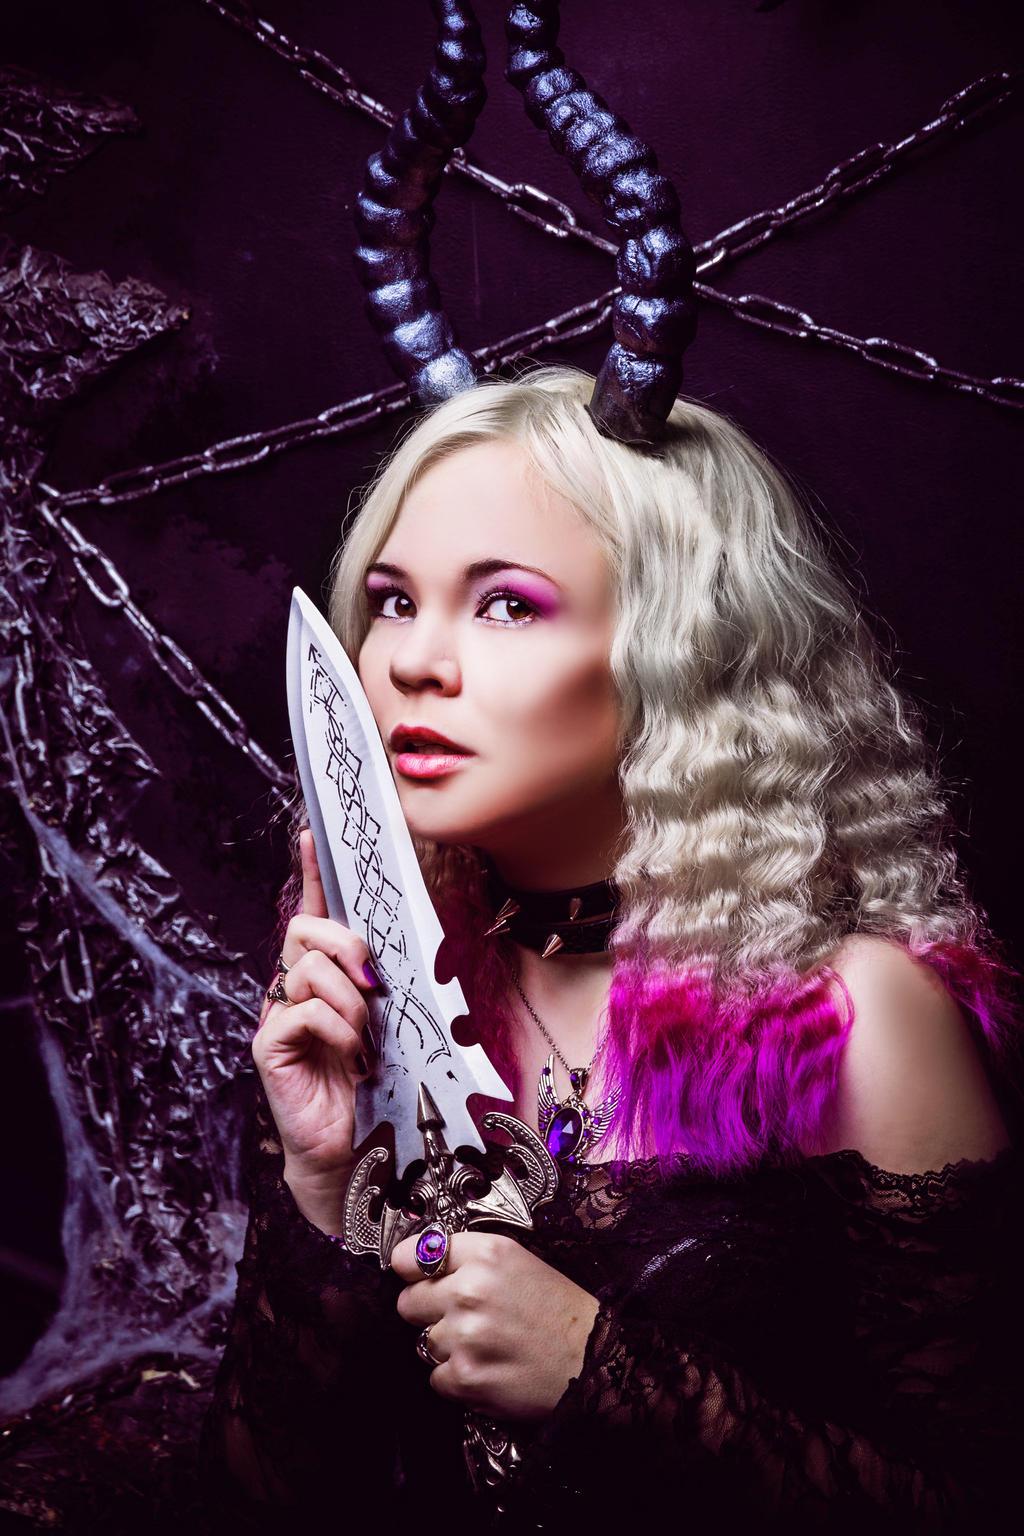 Dark girl by 13-Melissa-Salvatore